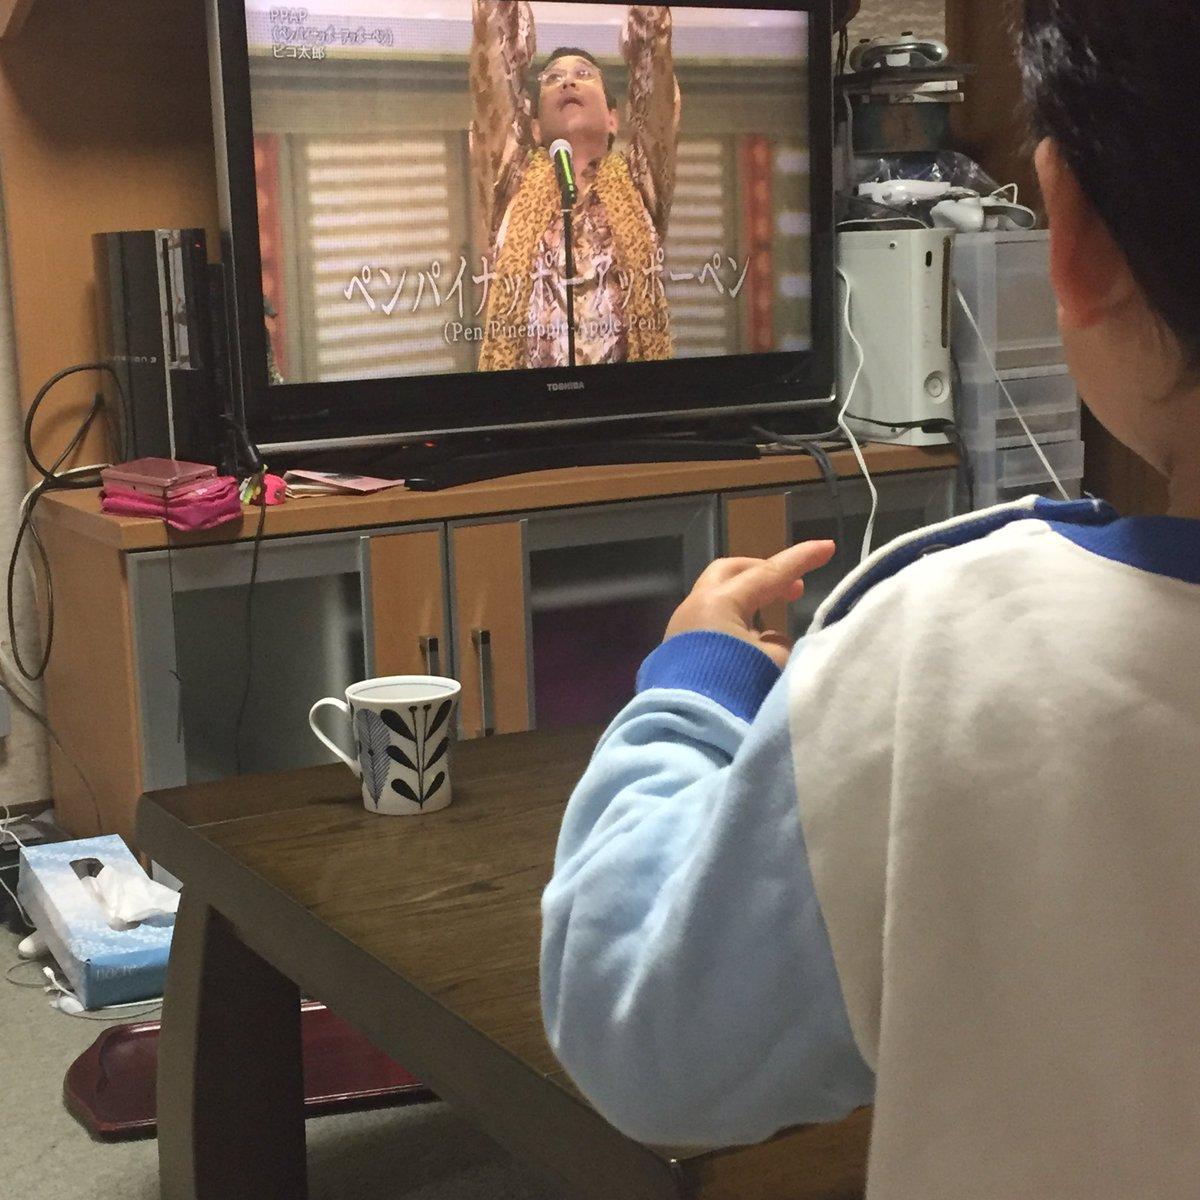 ピコ太郎の登場に、盛り上がる2才の息子でしたが、突然ニュース映像に切り替わったため、心の切り替えができなかったようで「ぱいなっぷーぺん!…あれ、どうなったの!あっぽーぺん!」と、いま隣で泣いてます(苦笑) https://t.co/jC7kozbpI1